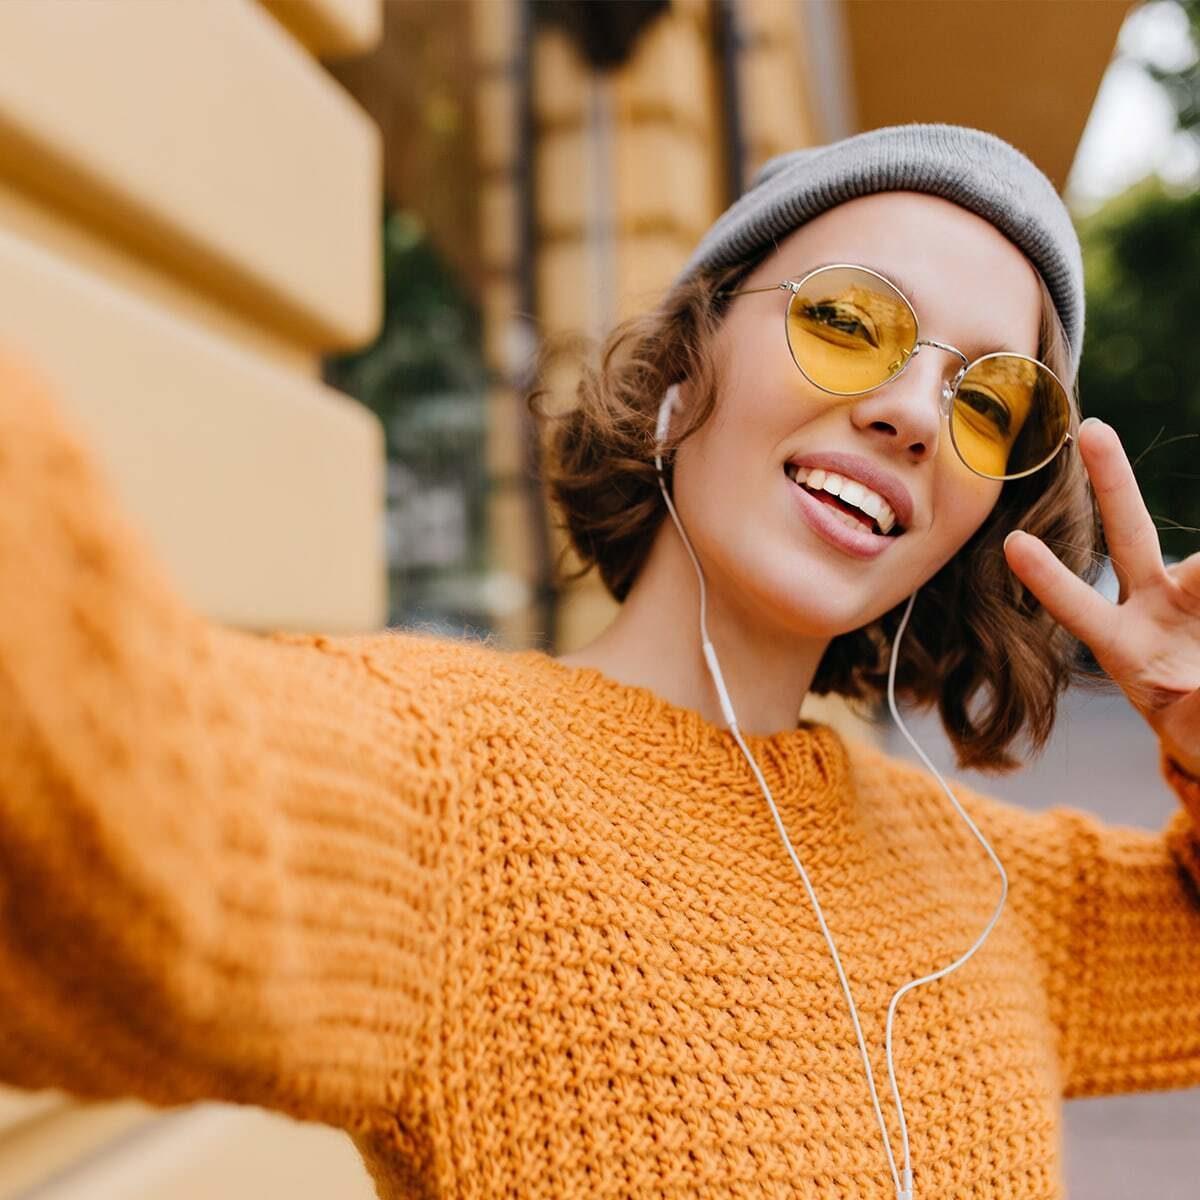 stylink, vergütungs-plattform, influencer, geld verdienen instagram, geld verdienen youtube, tiktok engagement, tiktok tipps